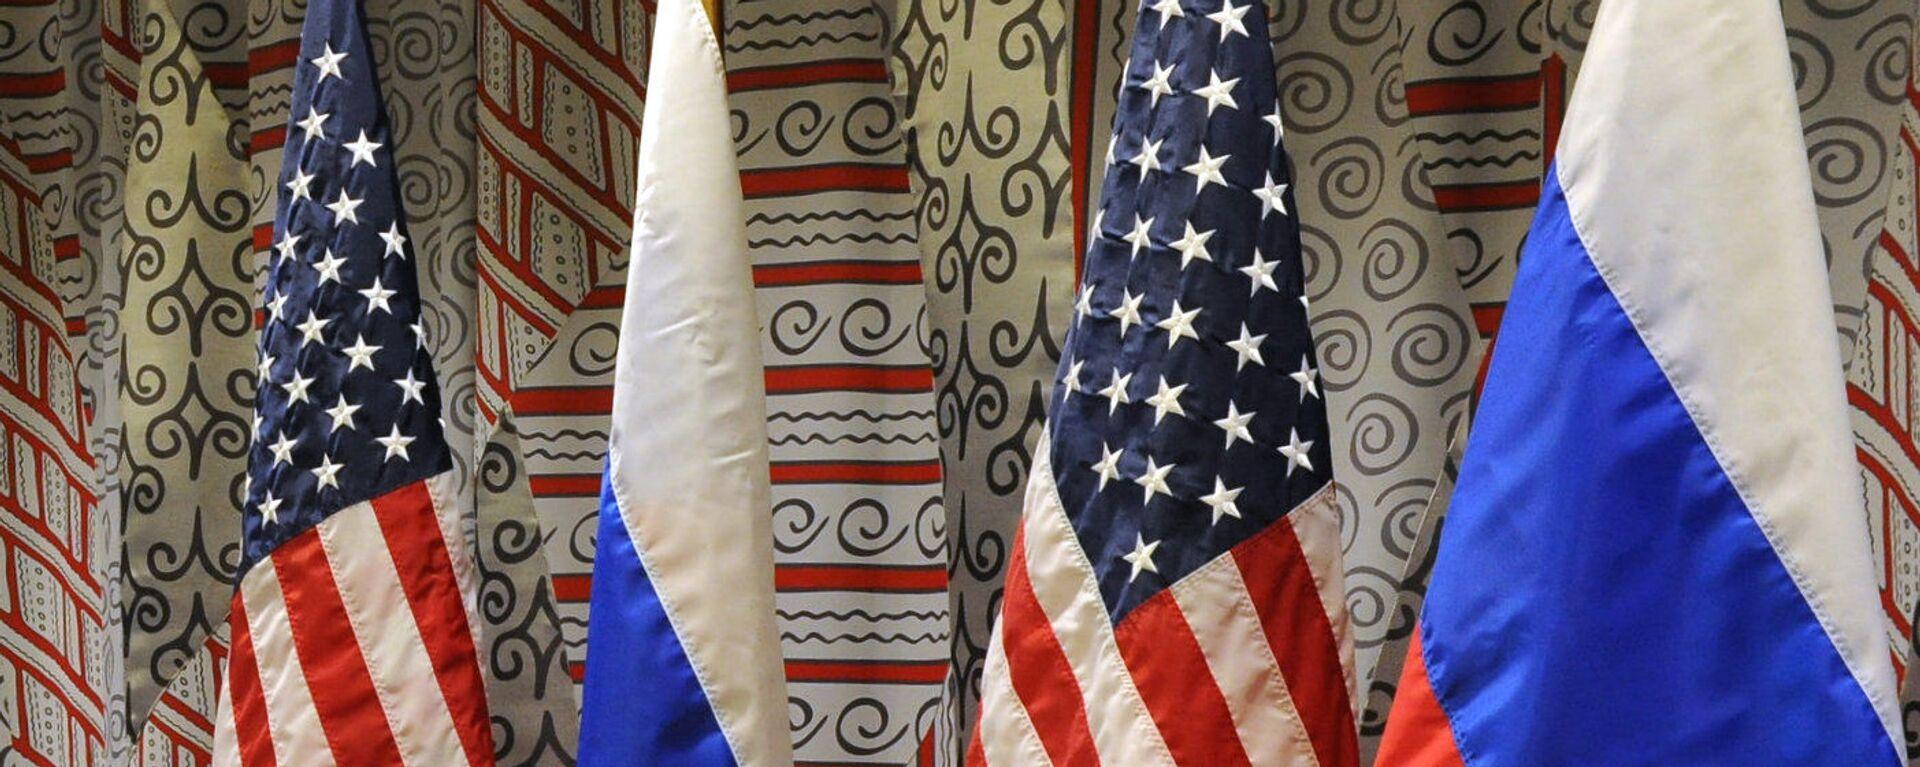 Флаги России и США - Sputnik Грузия, 1920, 29.03.2021